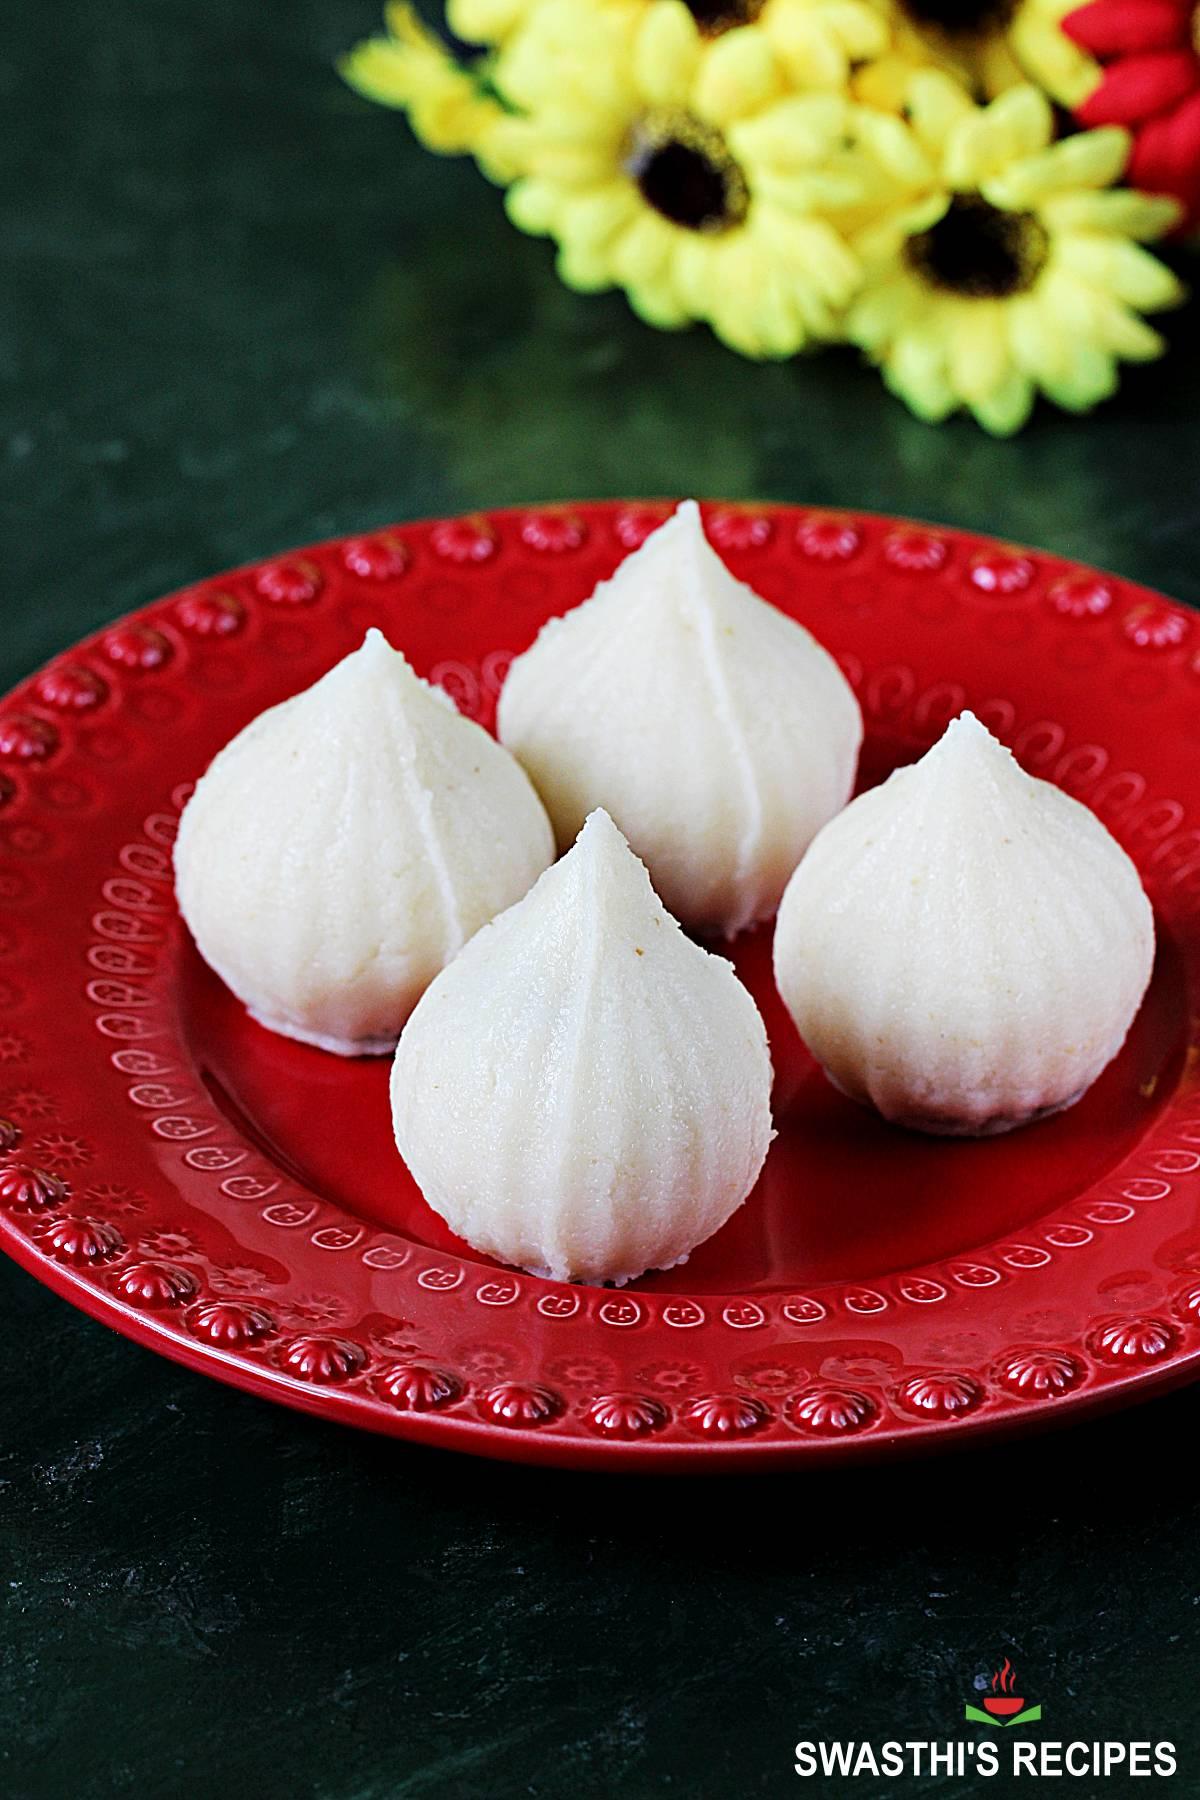 rava modak recipe made with semolina, coconut and jaggery